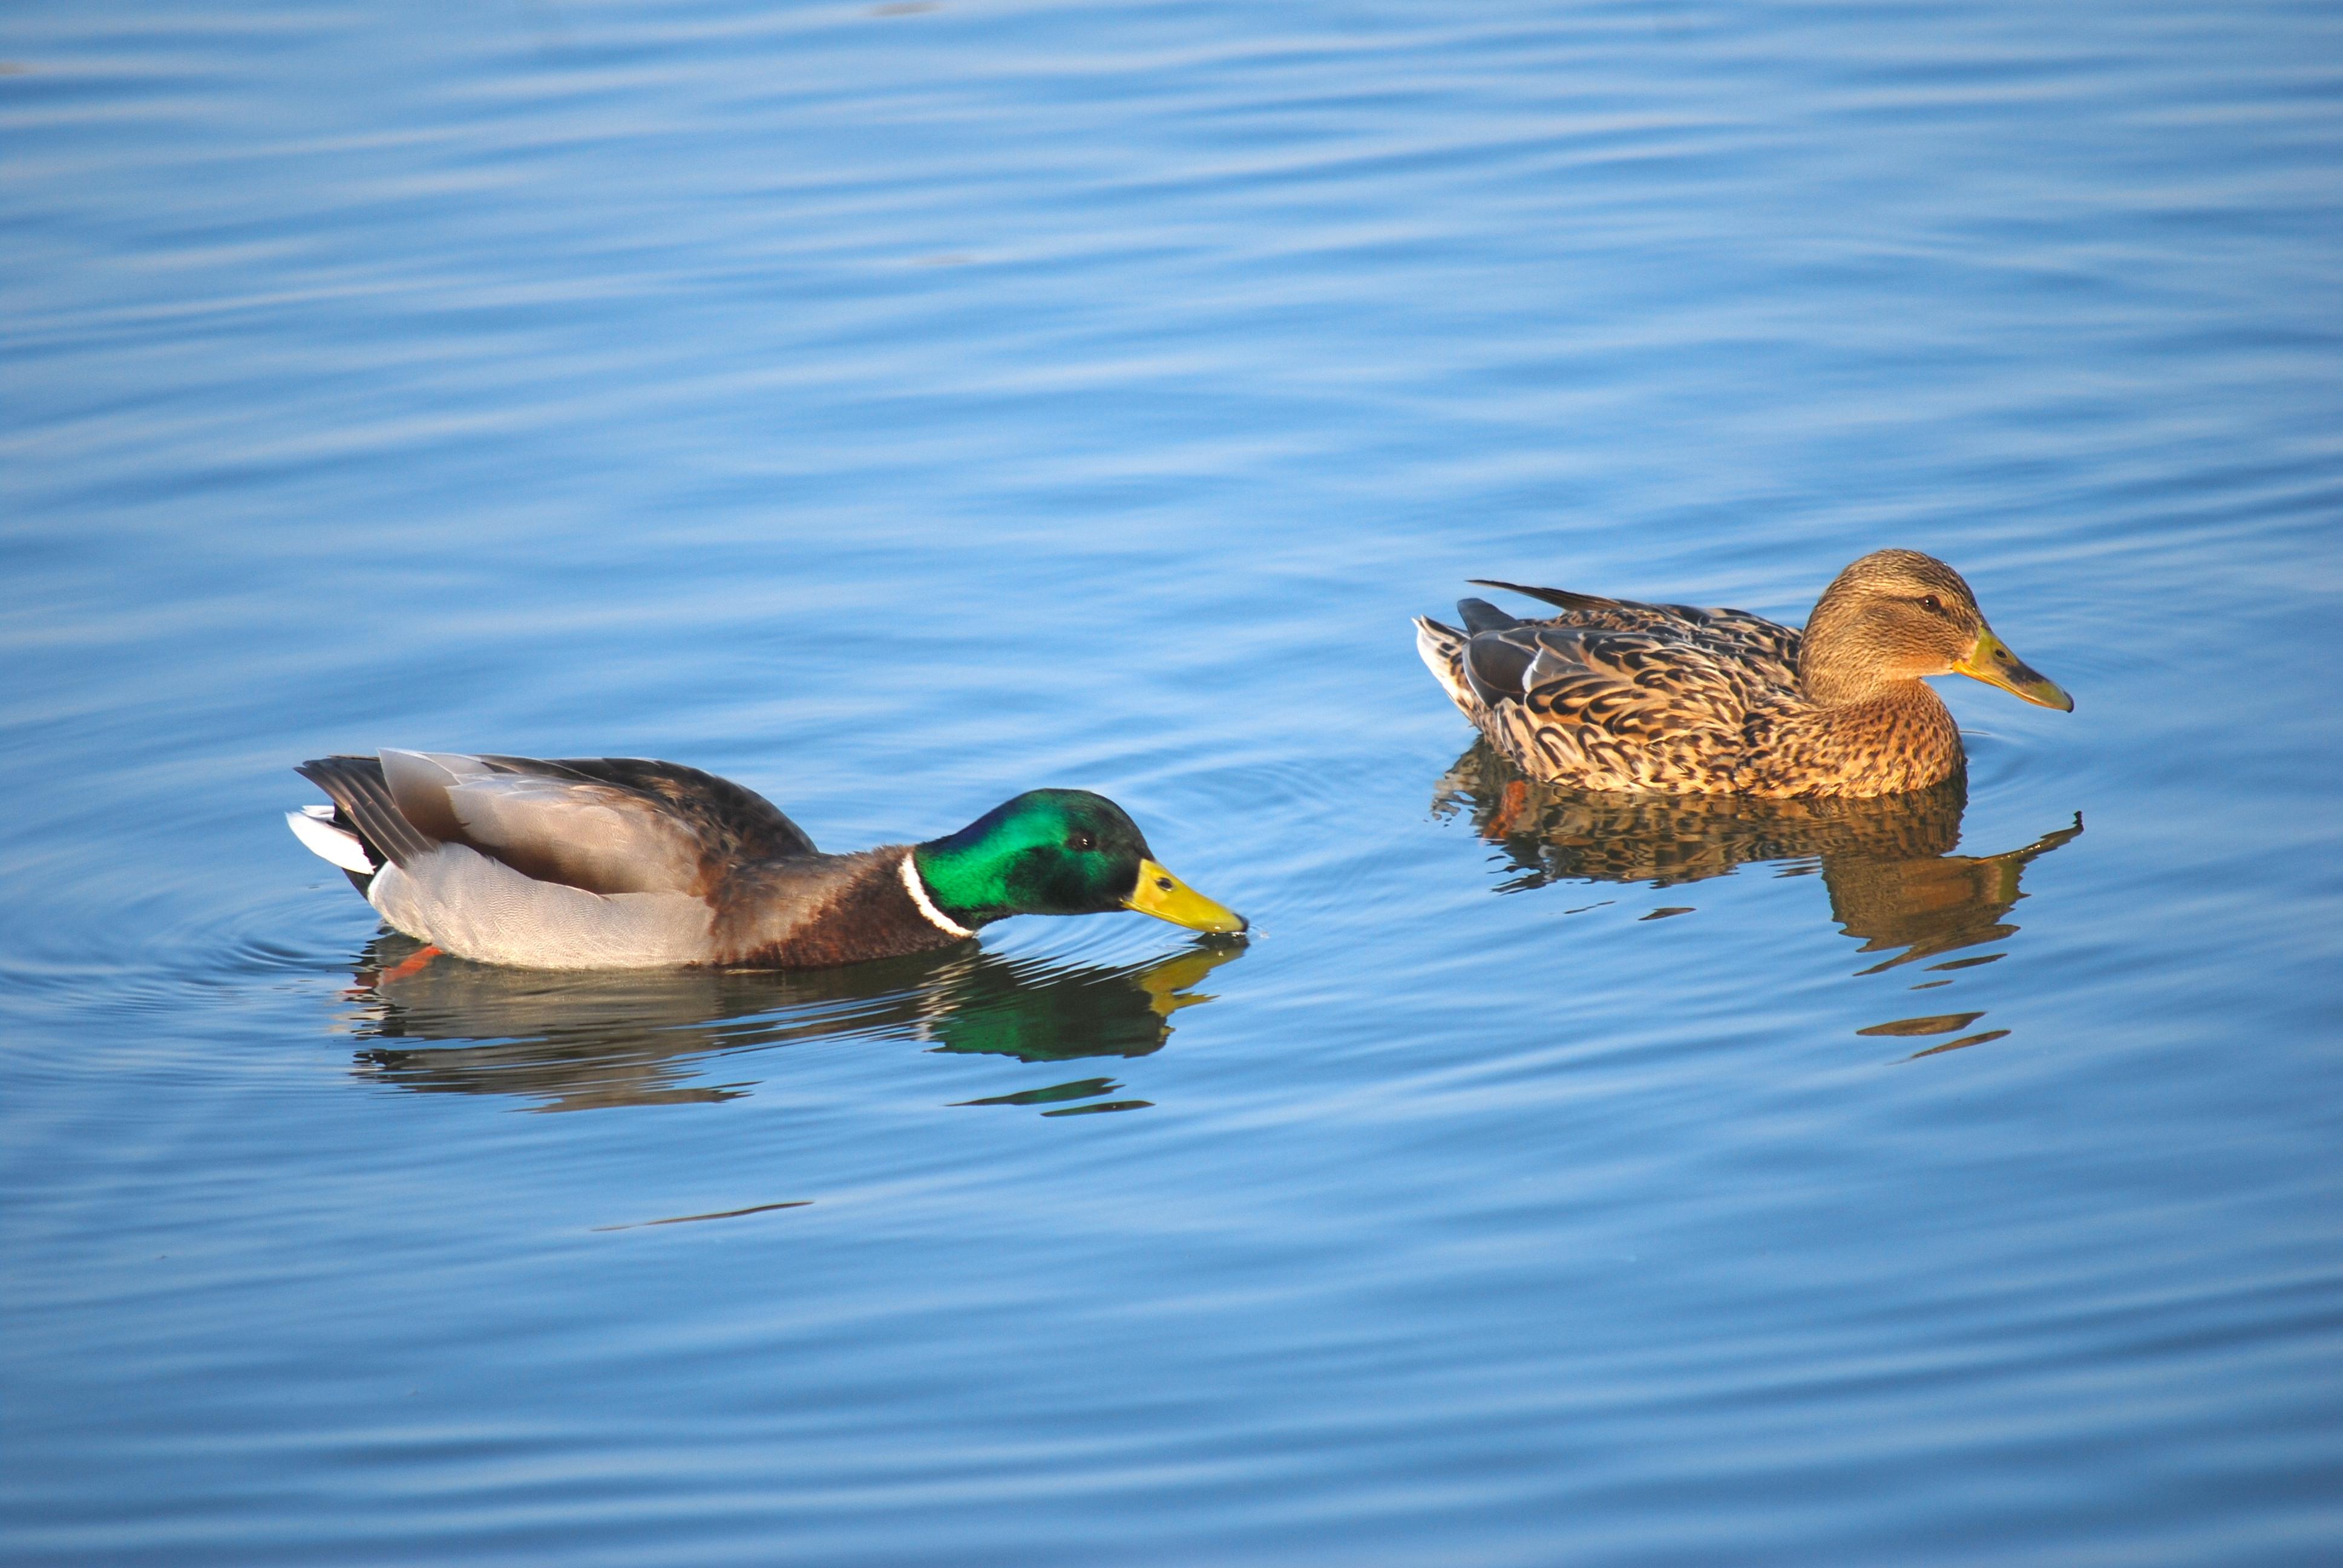 FileRO B Male And Female Duck In Titan Park 1